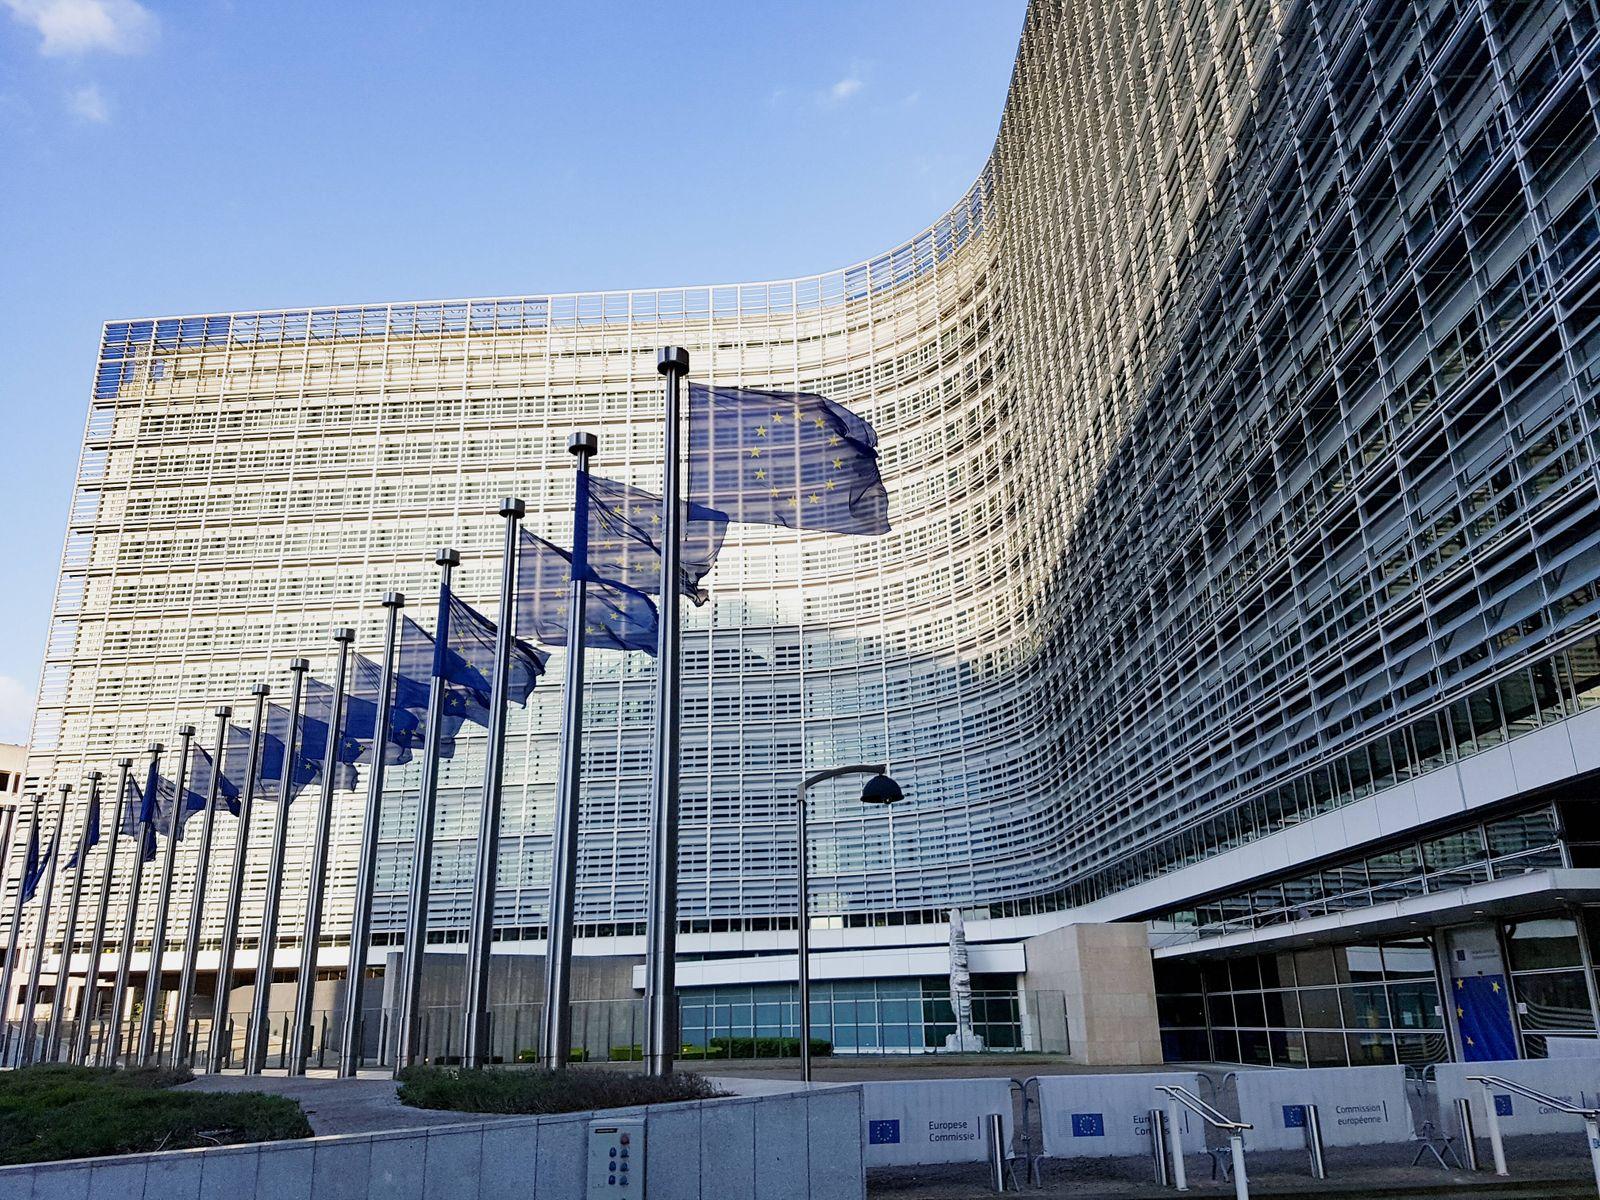 Brüssel Europäische Union EU - Regierungsviertel - Gebäude Europäische Kommission - Berlaymont-Gebäude - Kommissionsgebä